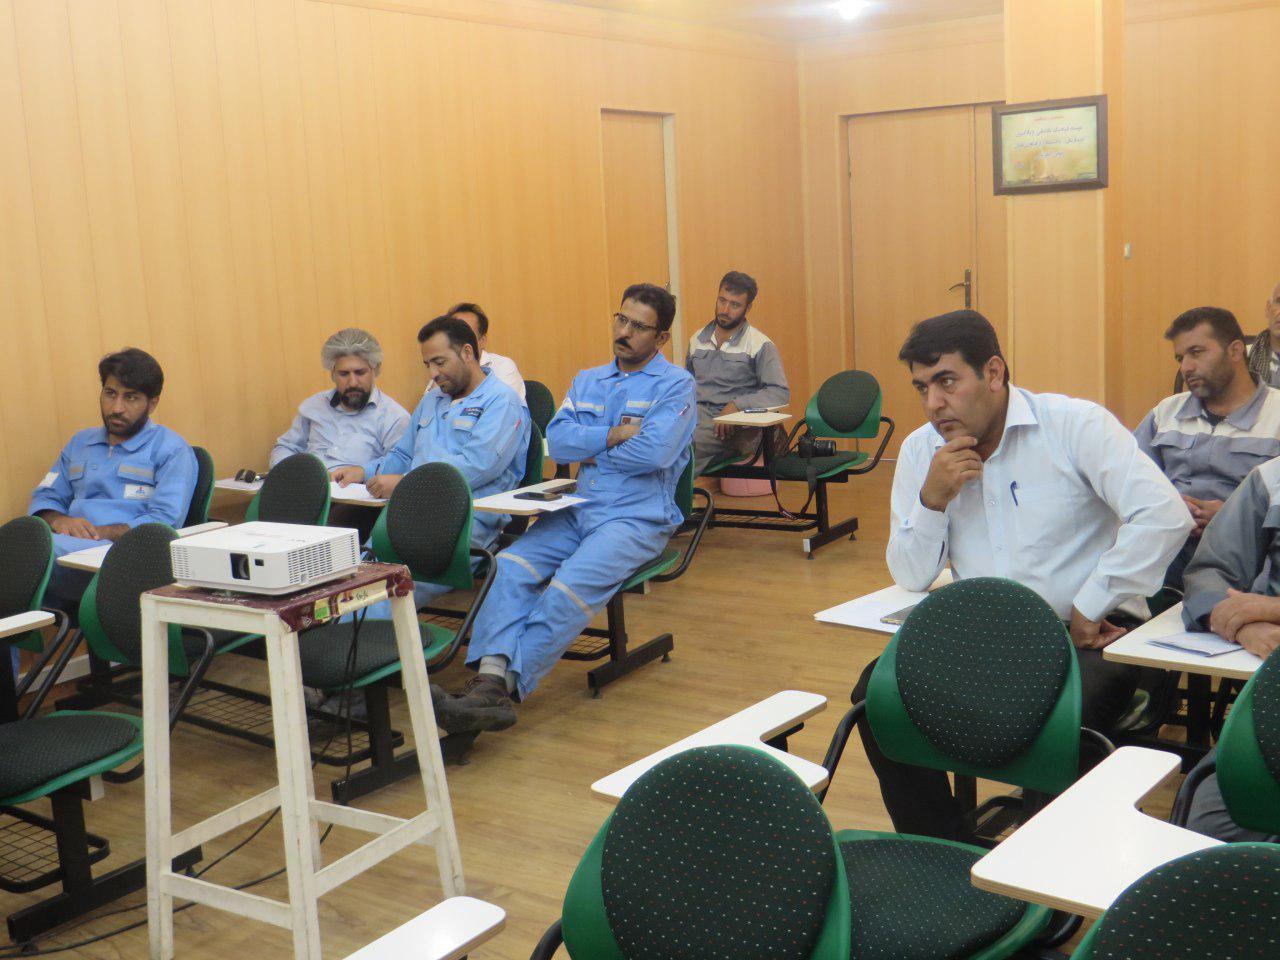 photo_2017-07-10_07-59-21 برگزاری کارگاه آموزشی پیشگیری از آسیبهای اجتماعی و اعتیاد در پالایشگاه گاز دالان